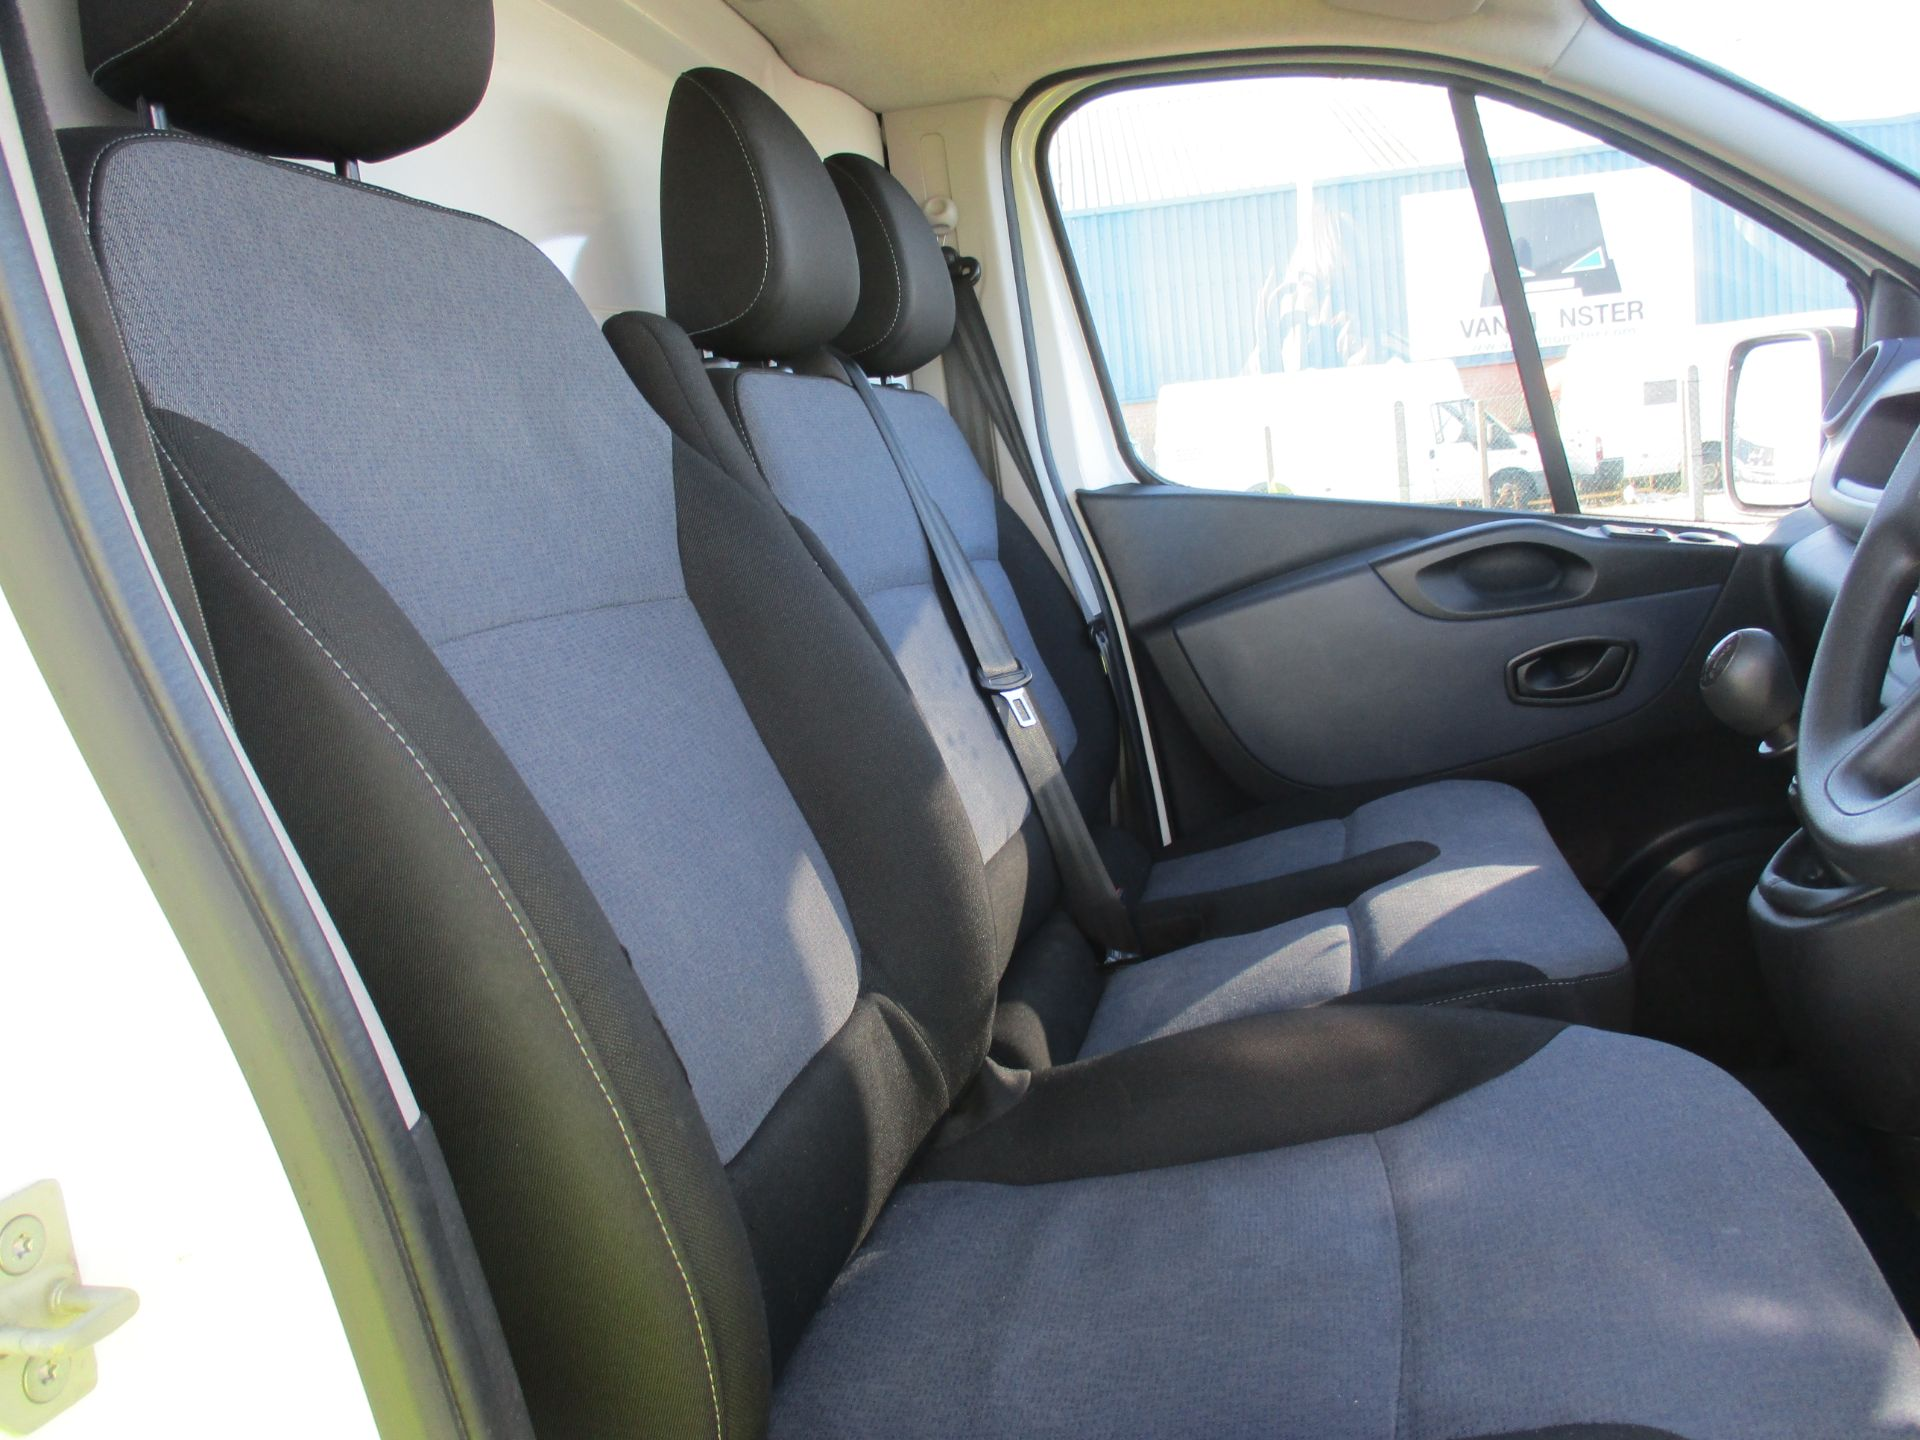 2017 Vauxhall Vivaro L2 H1 2900 1.6 CDTI 120PS EURO 6 (DV67WFT) Image 12